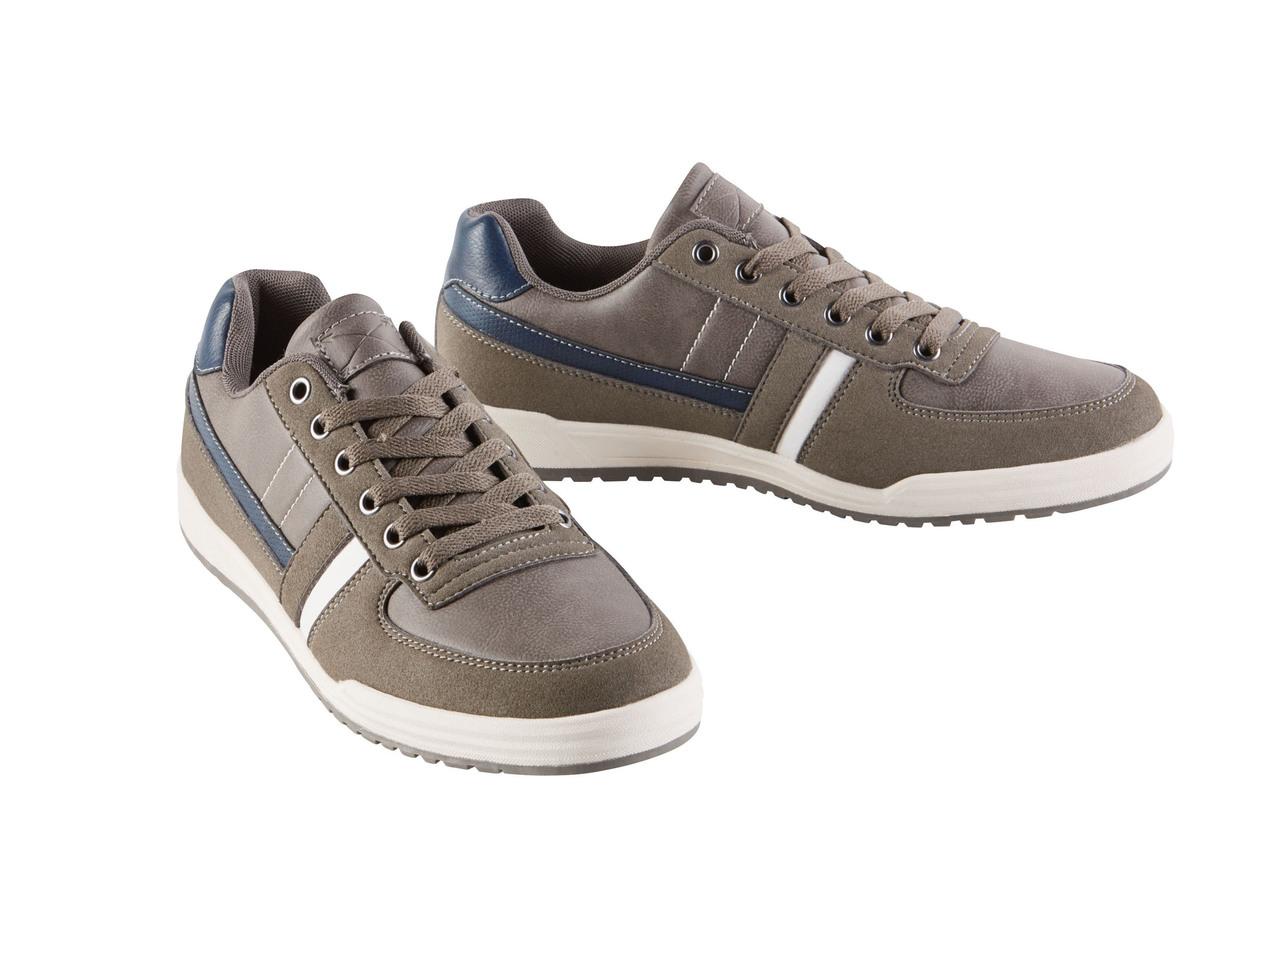 Da Uomo Promozionali Sneaker Lidl — Italia Offerte Archivio Rj4AqL35